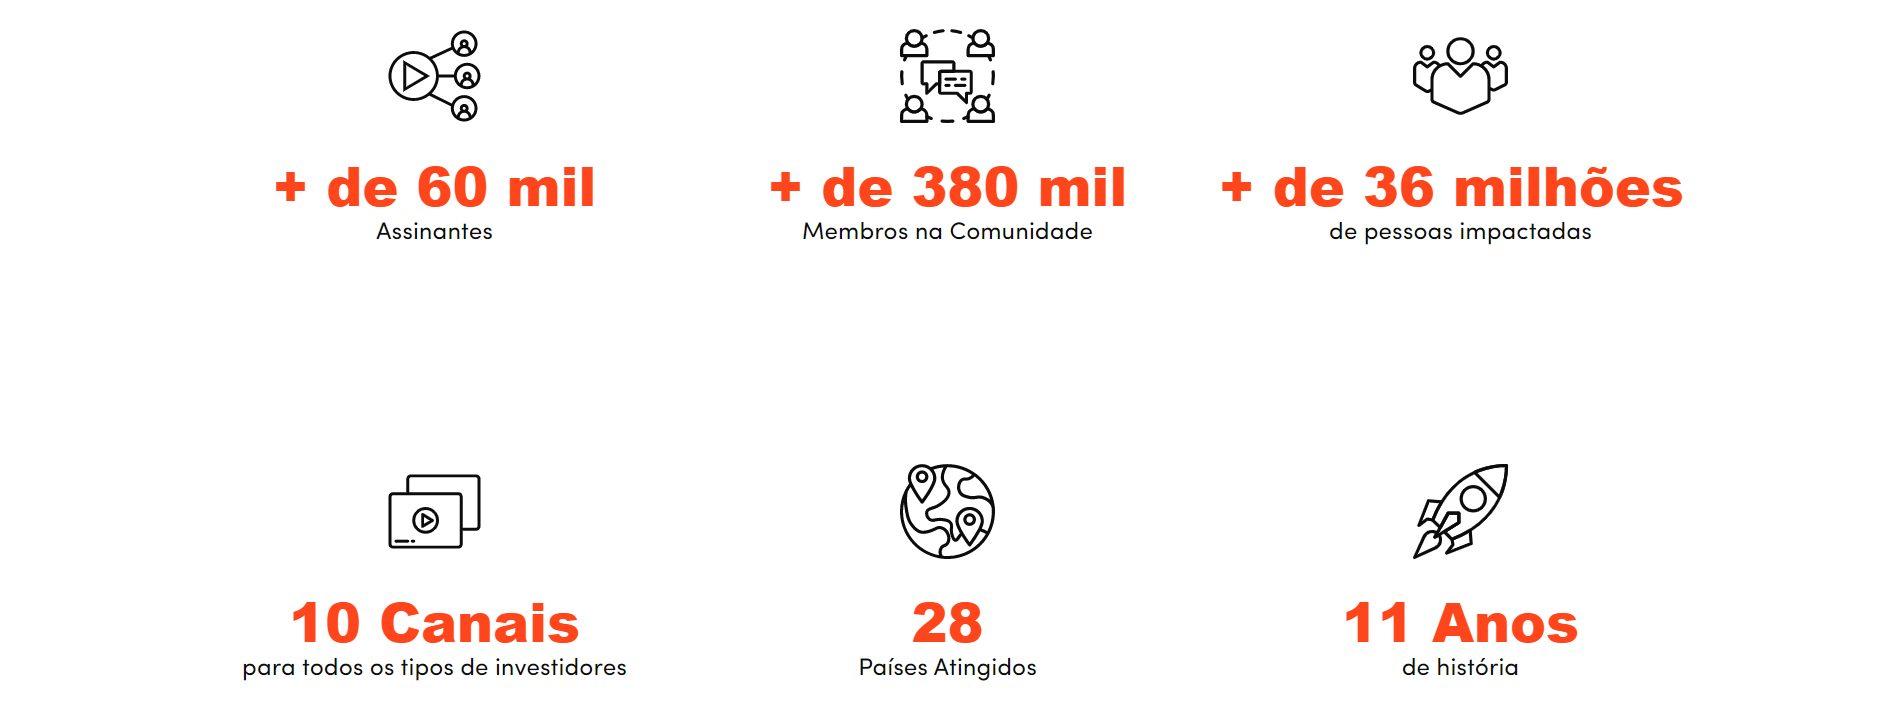 números da plataforma guiainvest